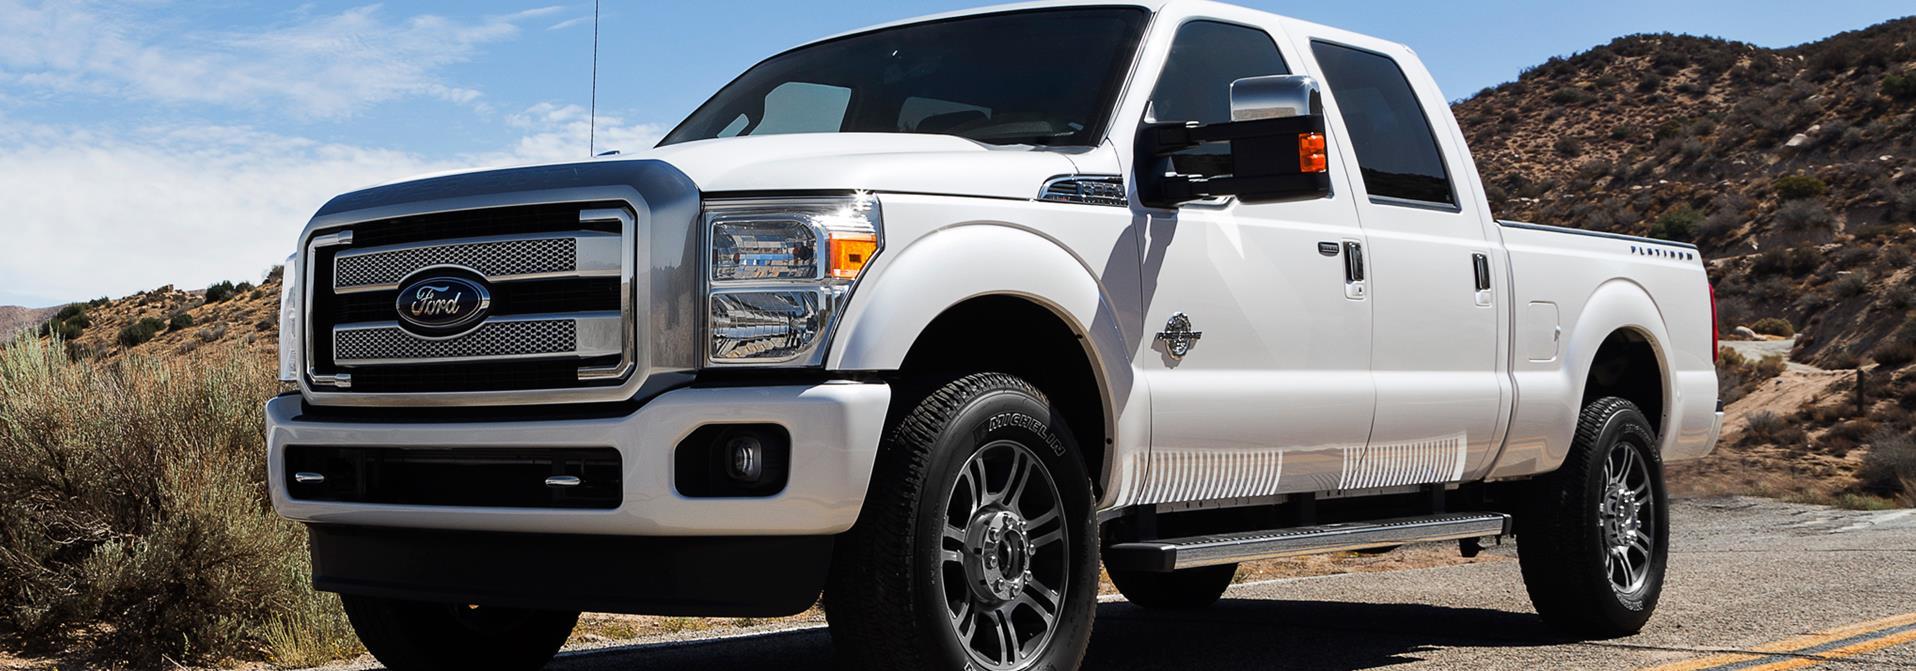 Used Diesel Trucks >> Lv Cars Auto Sales West Las Vegas Nv New Used Cars Trucks Sales